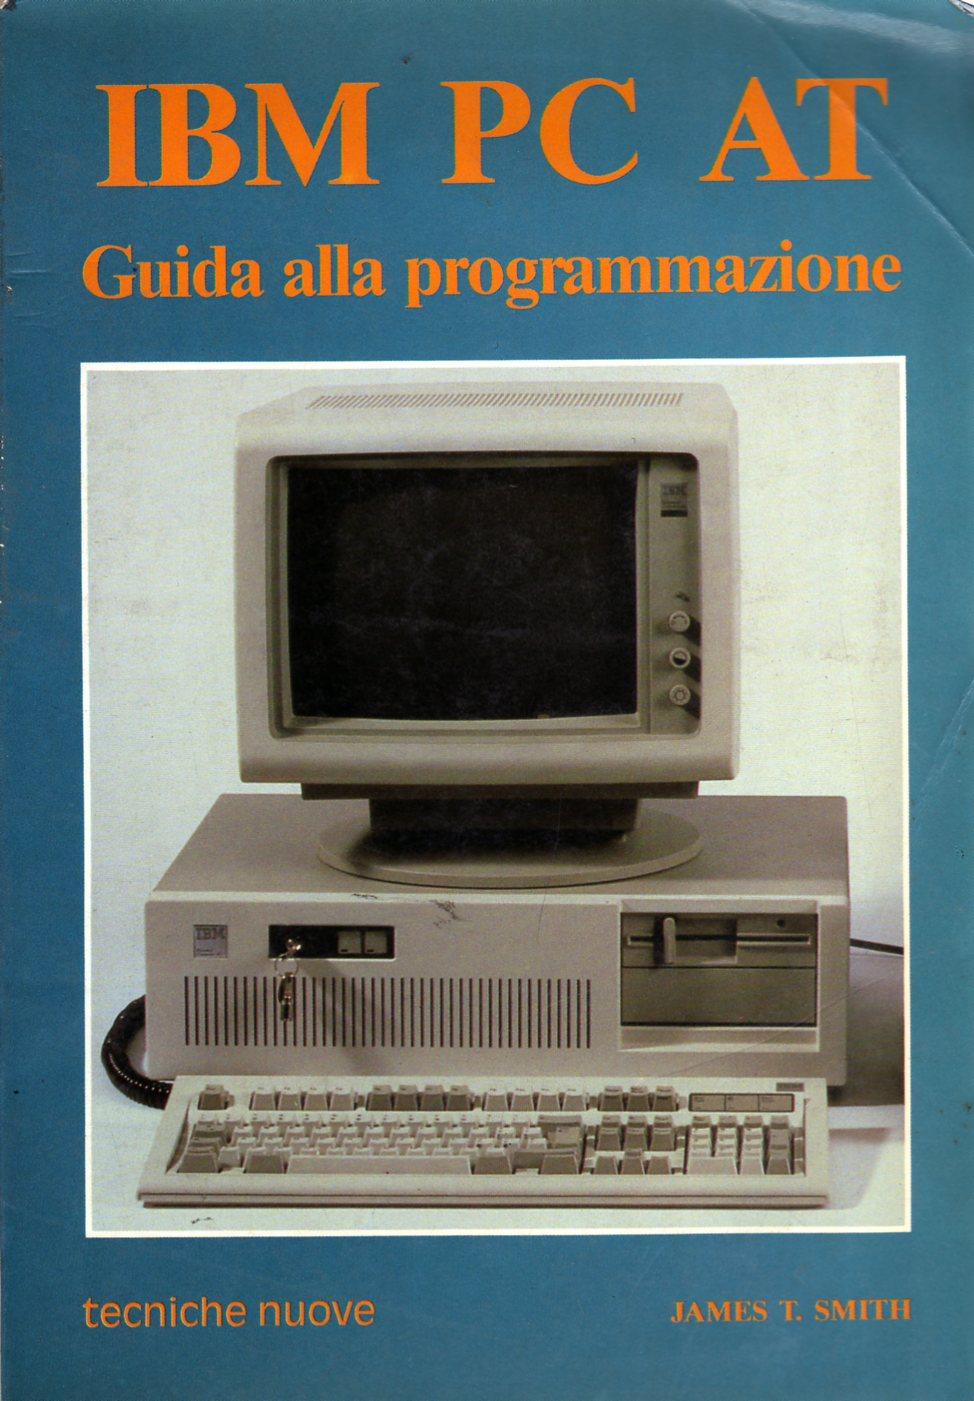 IBM PC AT. Guida alla programmazione